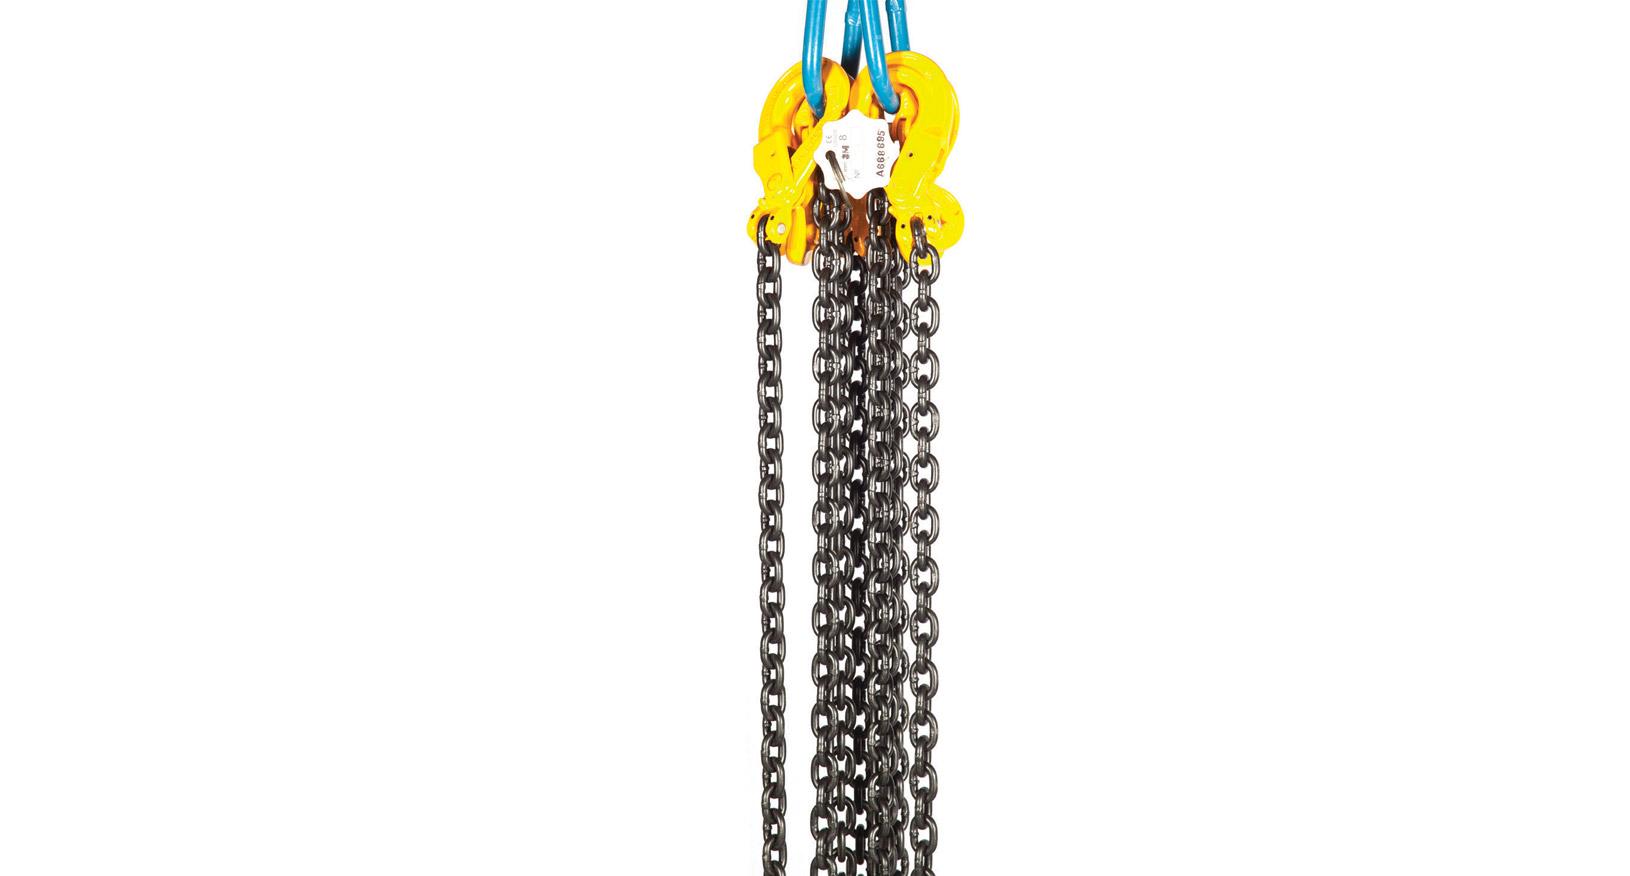 6.7T 10mm 4 Leg Chain 0-3M